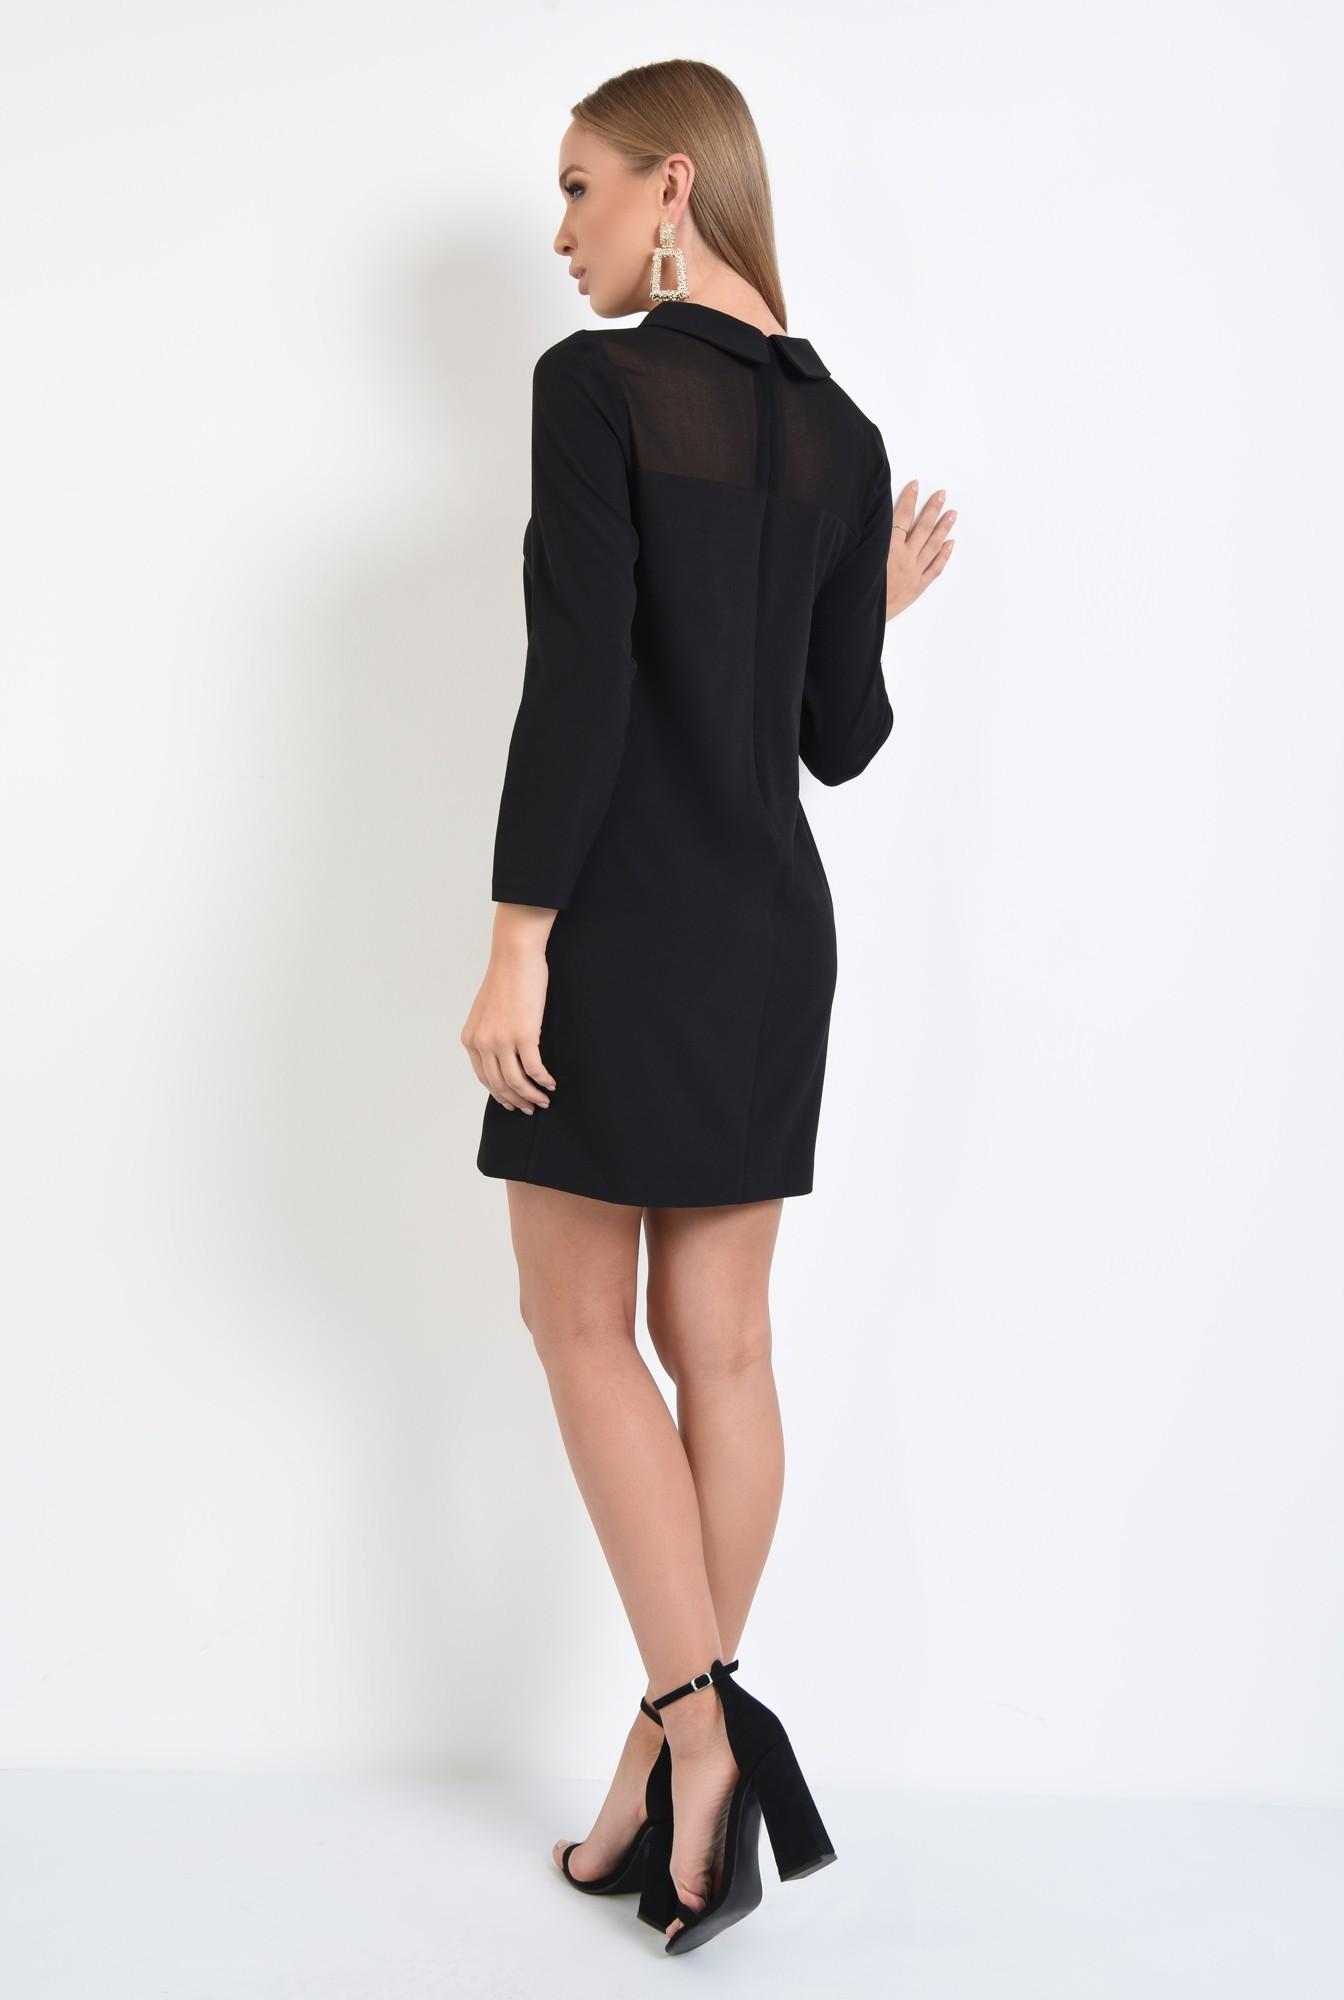 1 - rochie eleganta, croi drept, amneci lungi, insertie transparenta